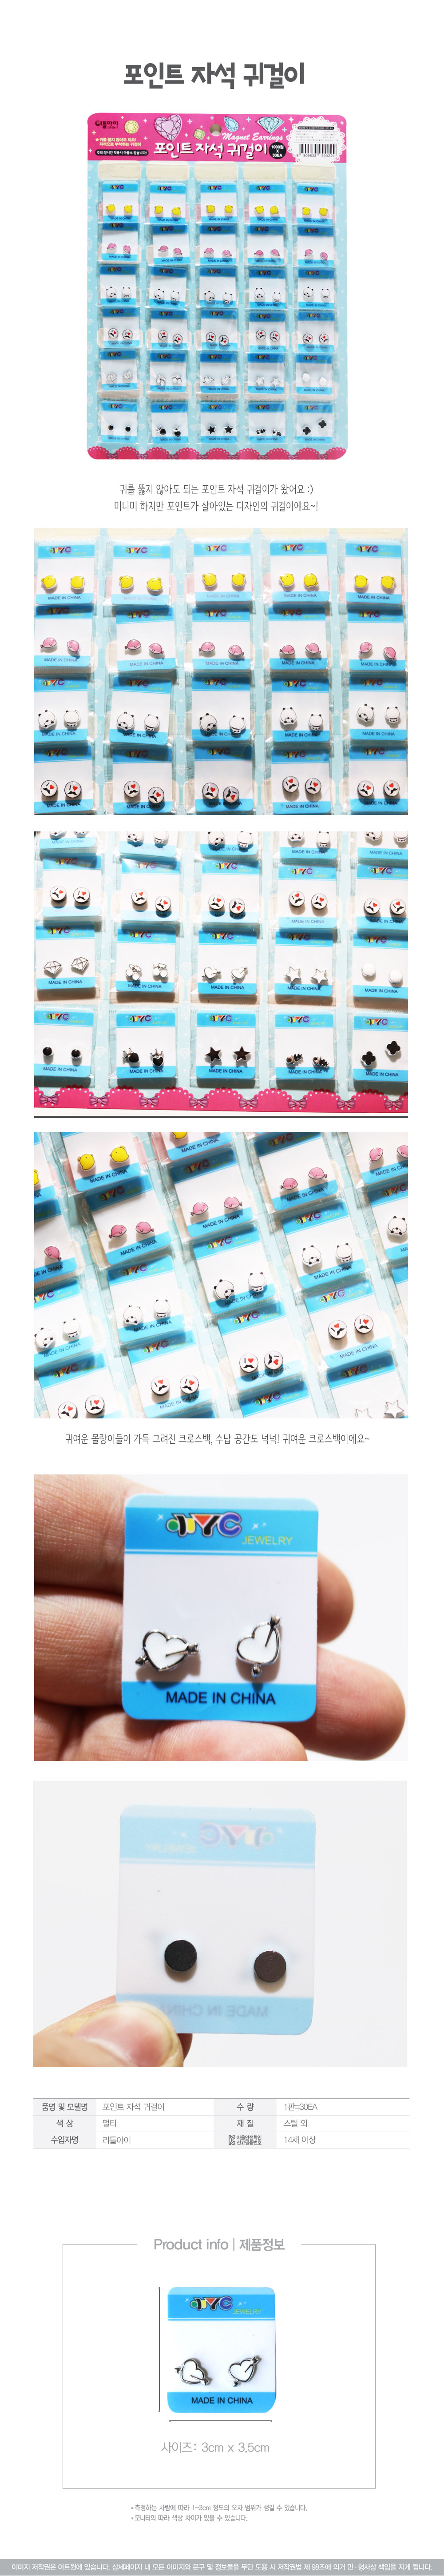 1000포인트자석귀걸이P(1판-30EA) - 아트윈, 29,900원, 실버, 볼귀걸이